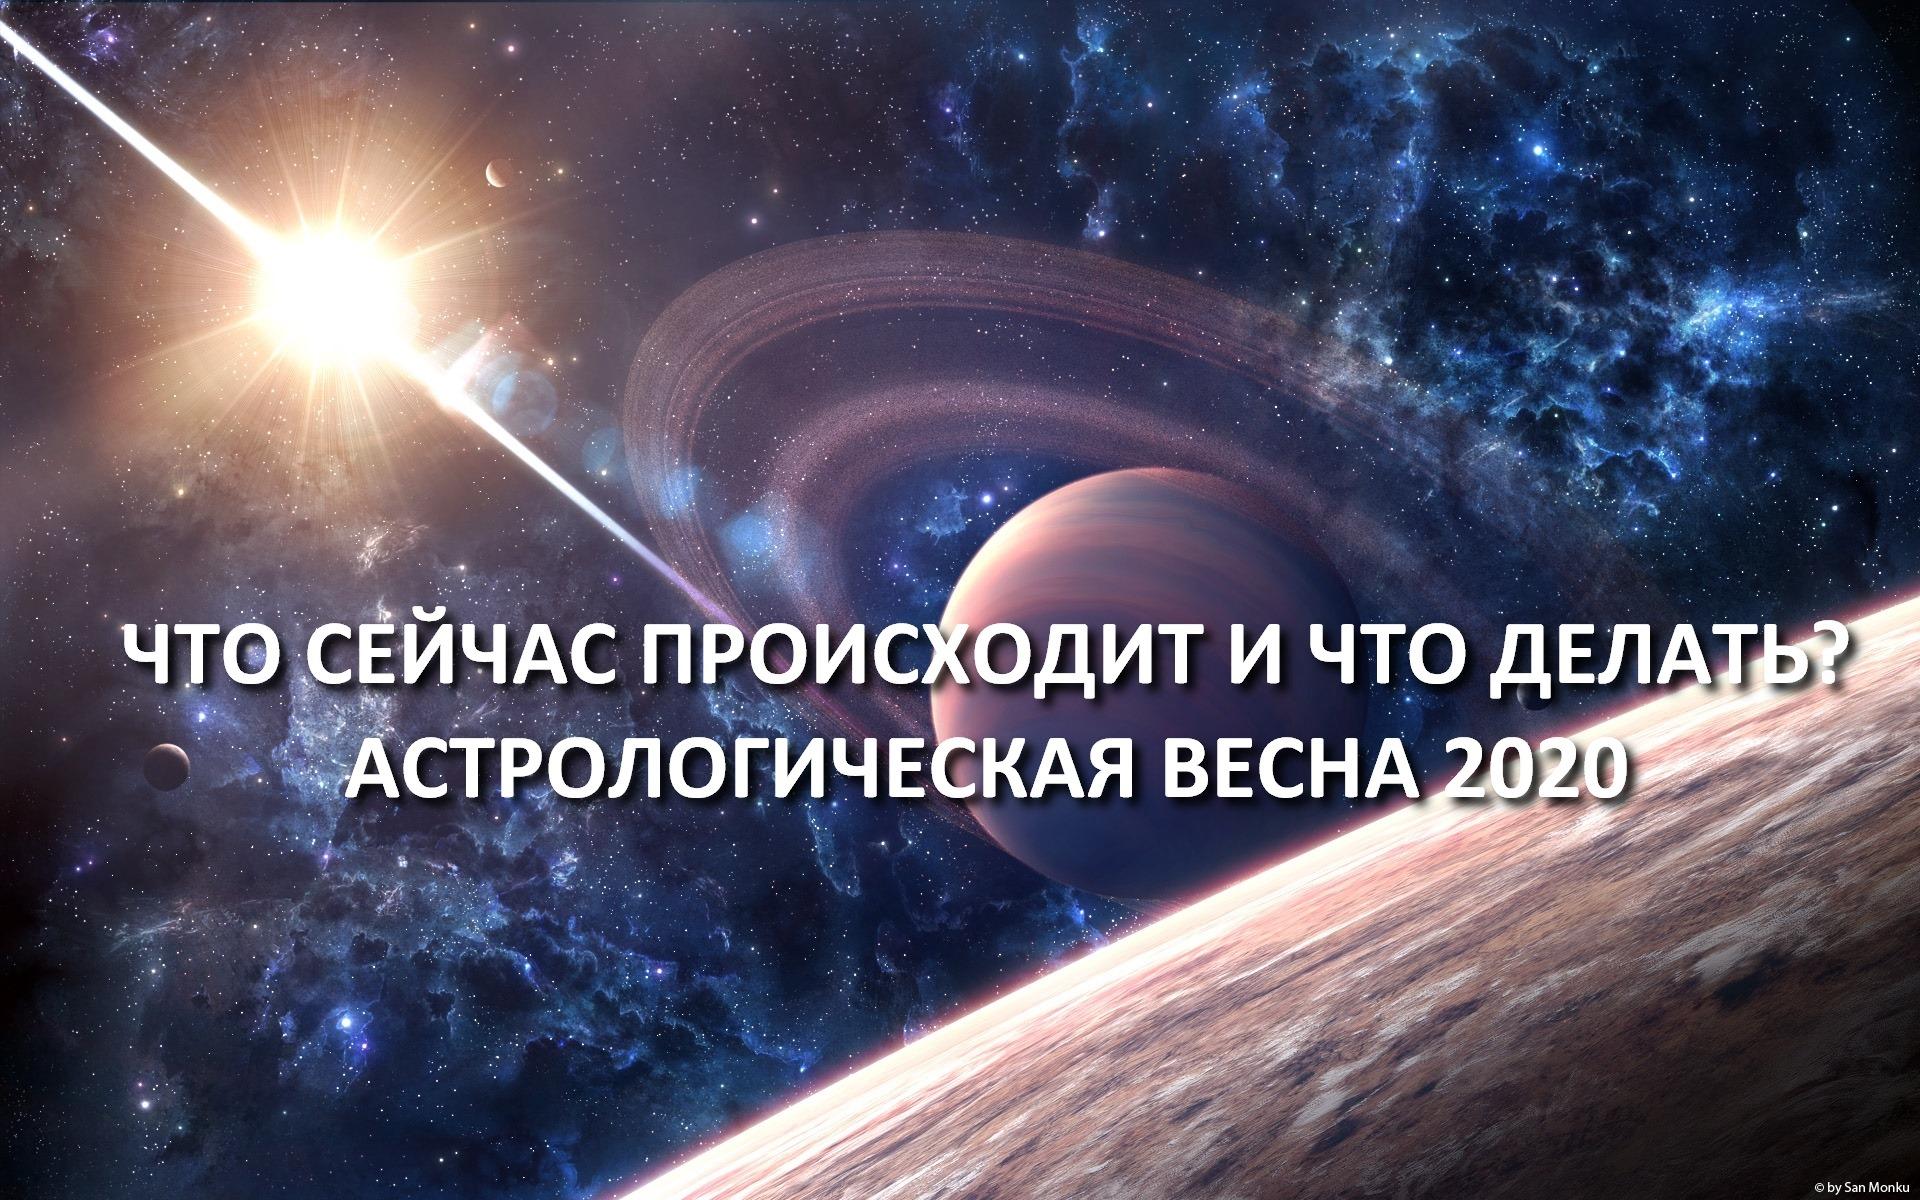 по предсказанному астрологическому сценарию «больших перемен»